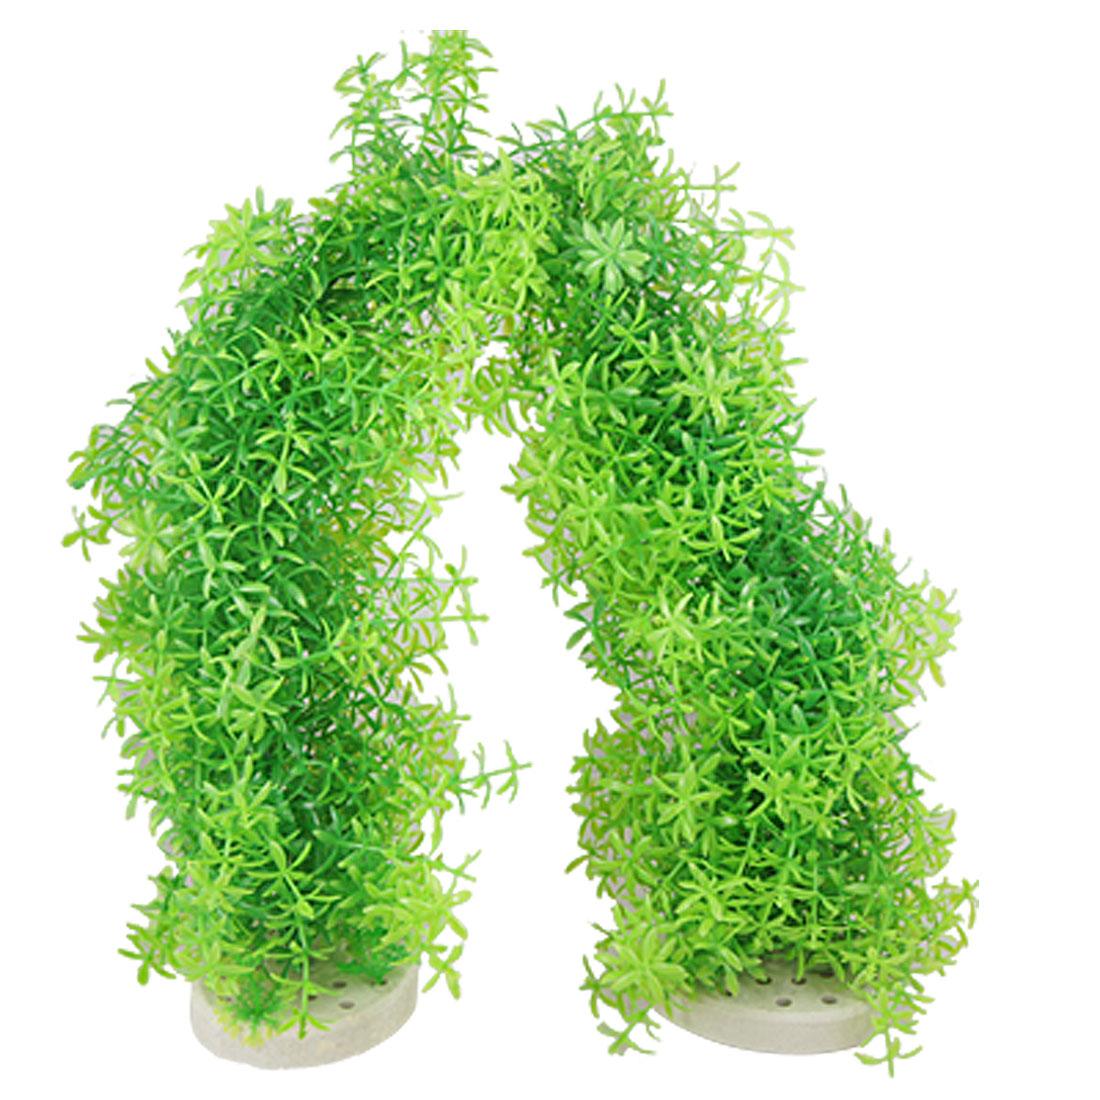 Aquascape Aquarium Plastic Arch Aquatic Plants Decoration Green